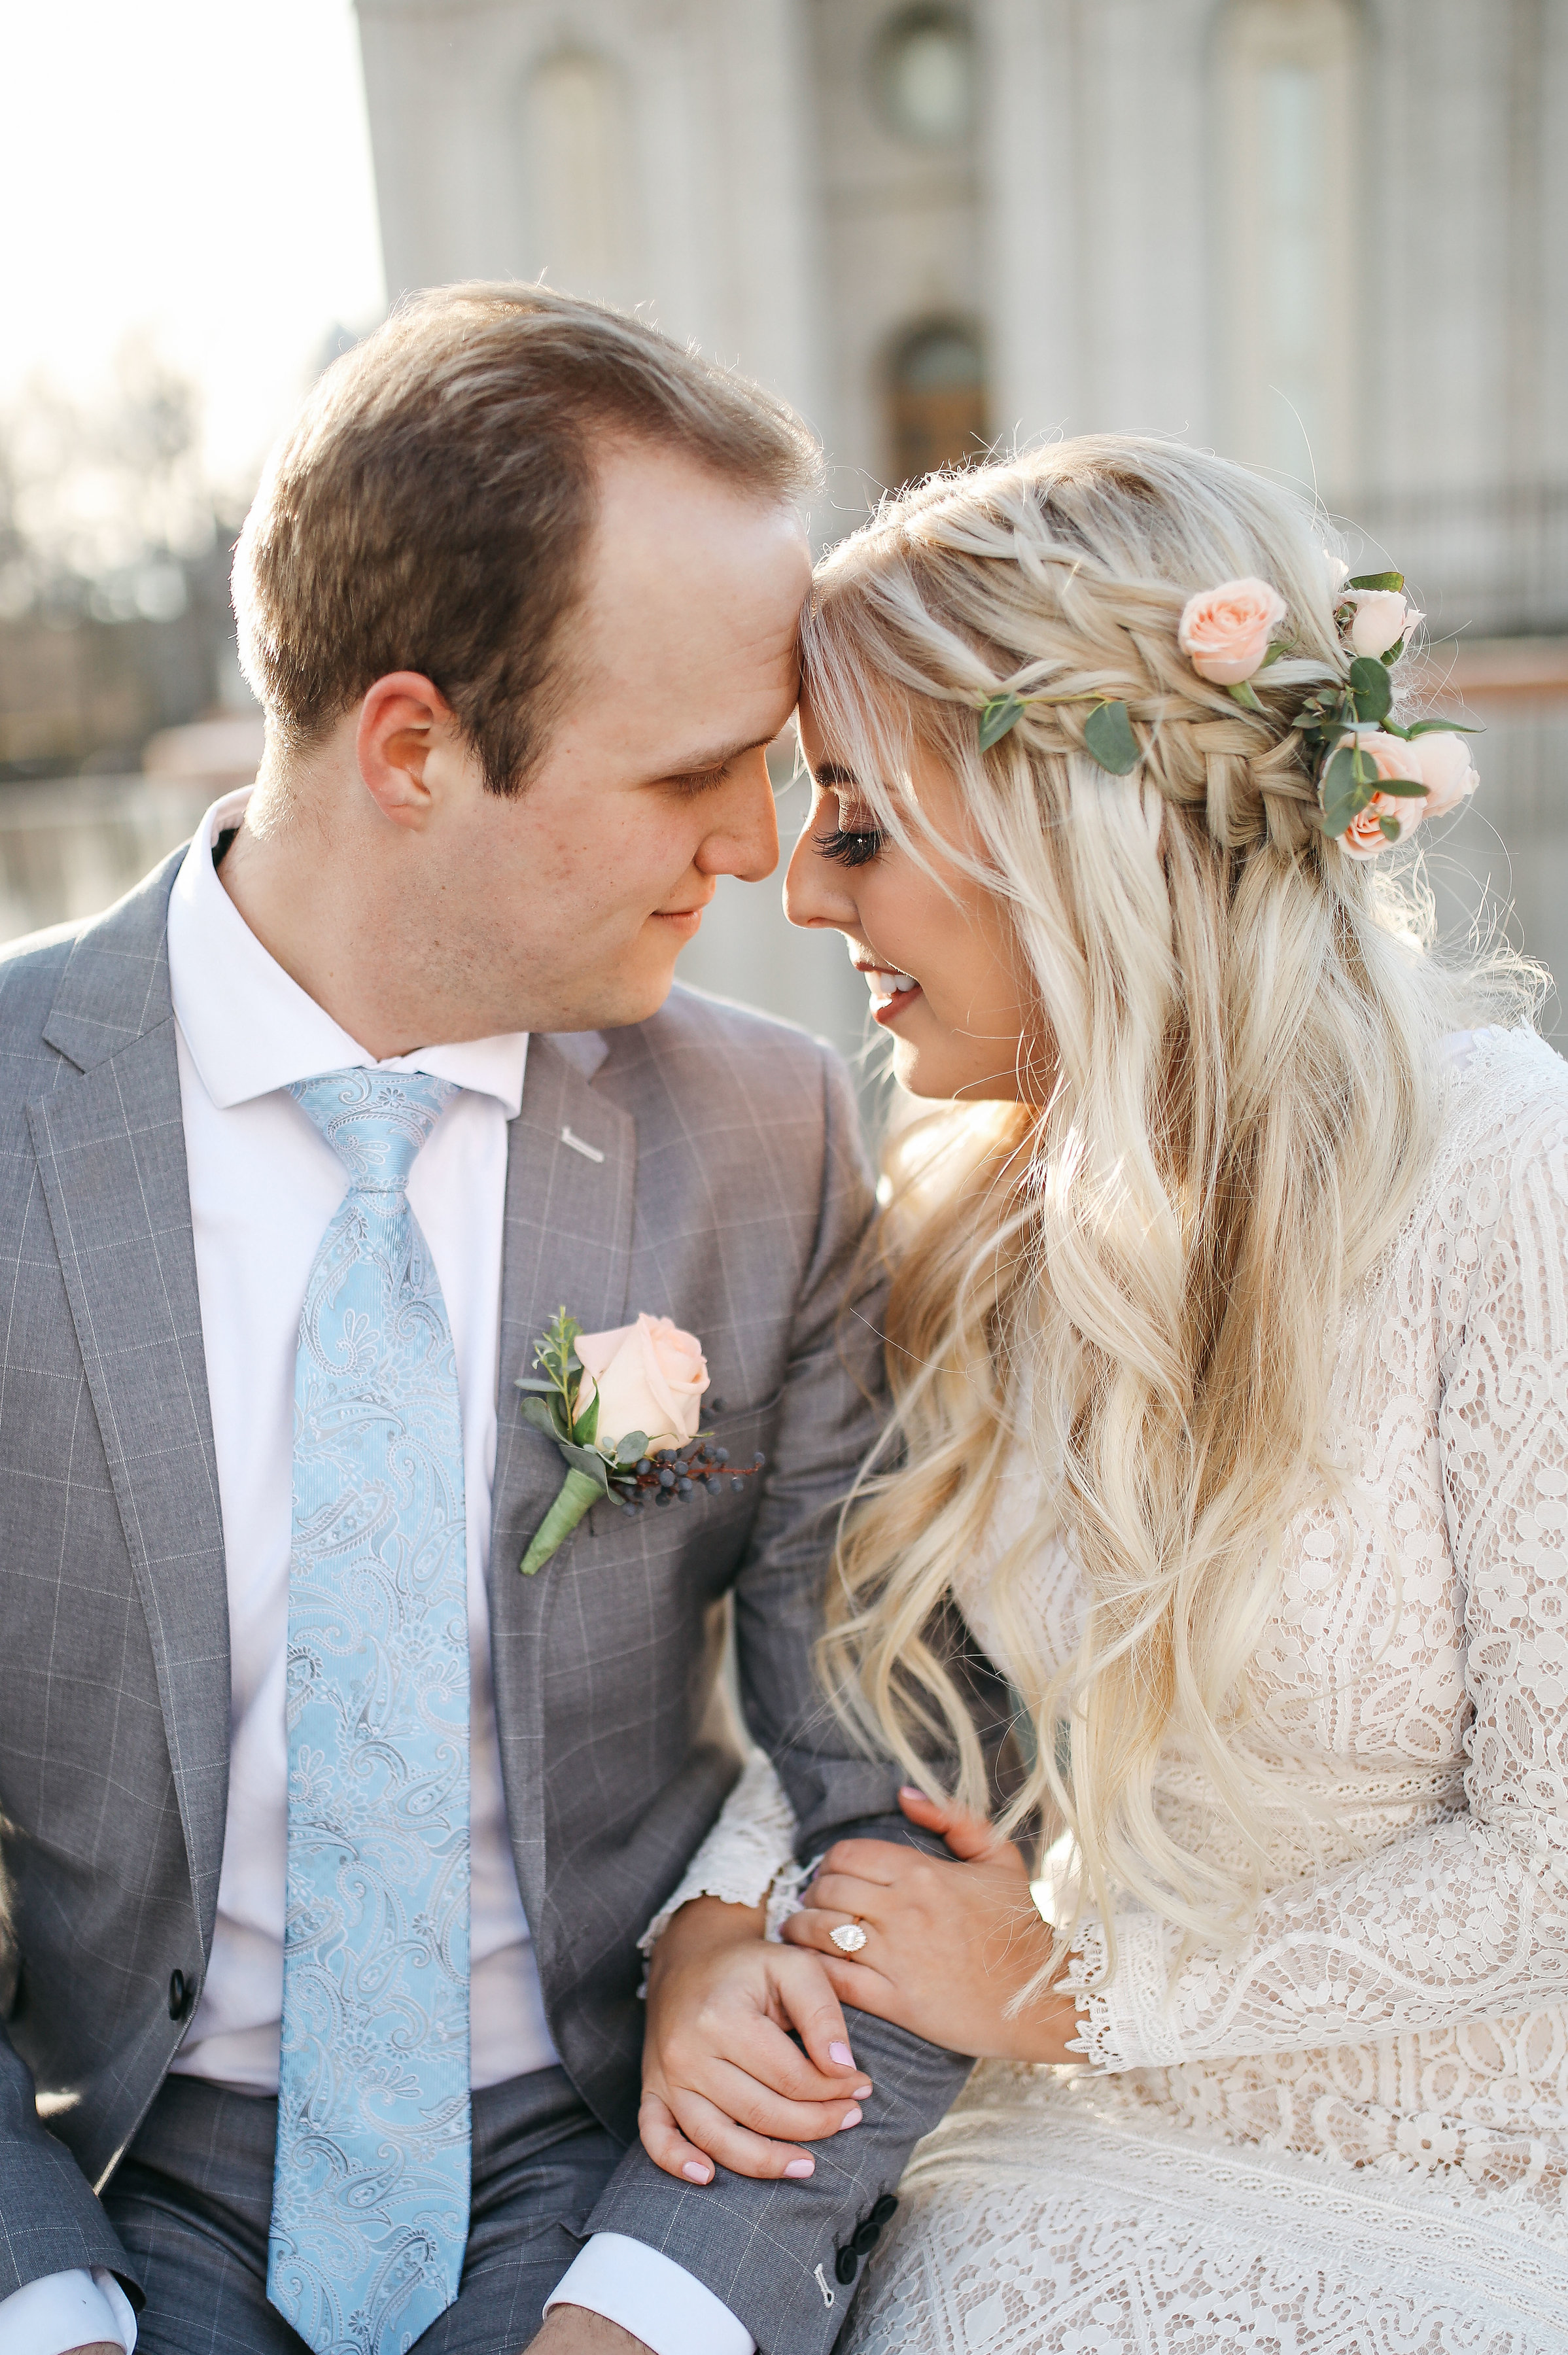 Lauren's Wedding Details and Love Story